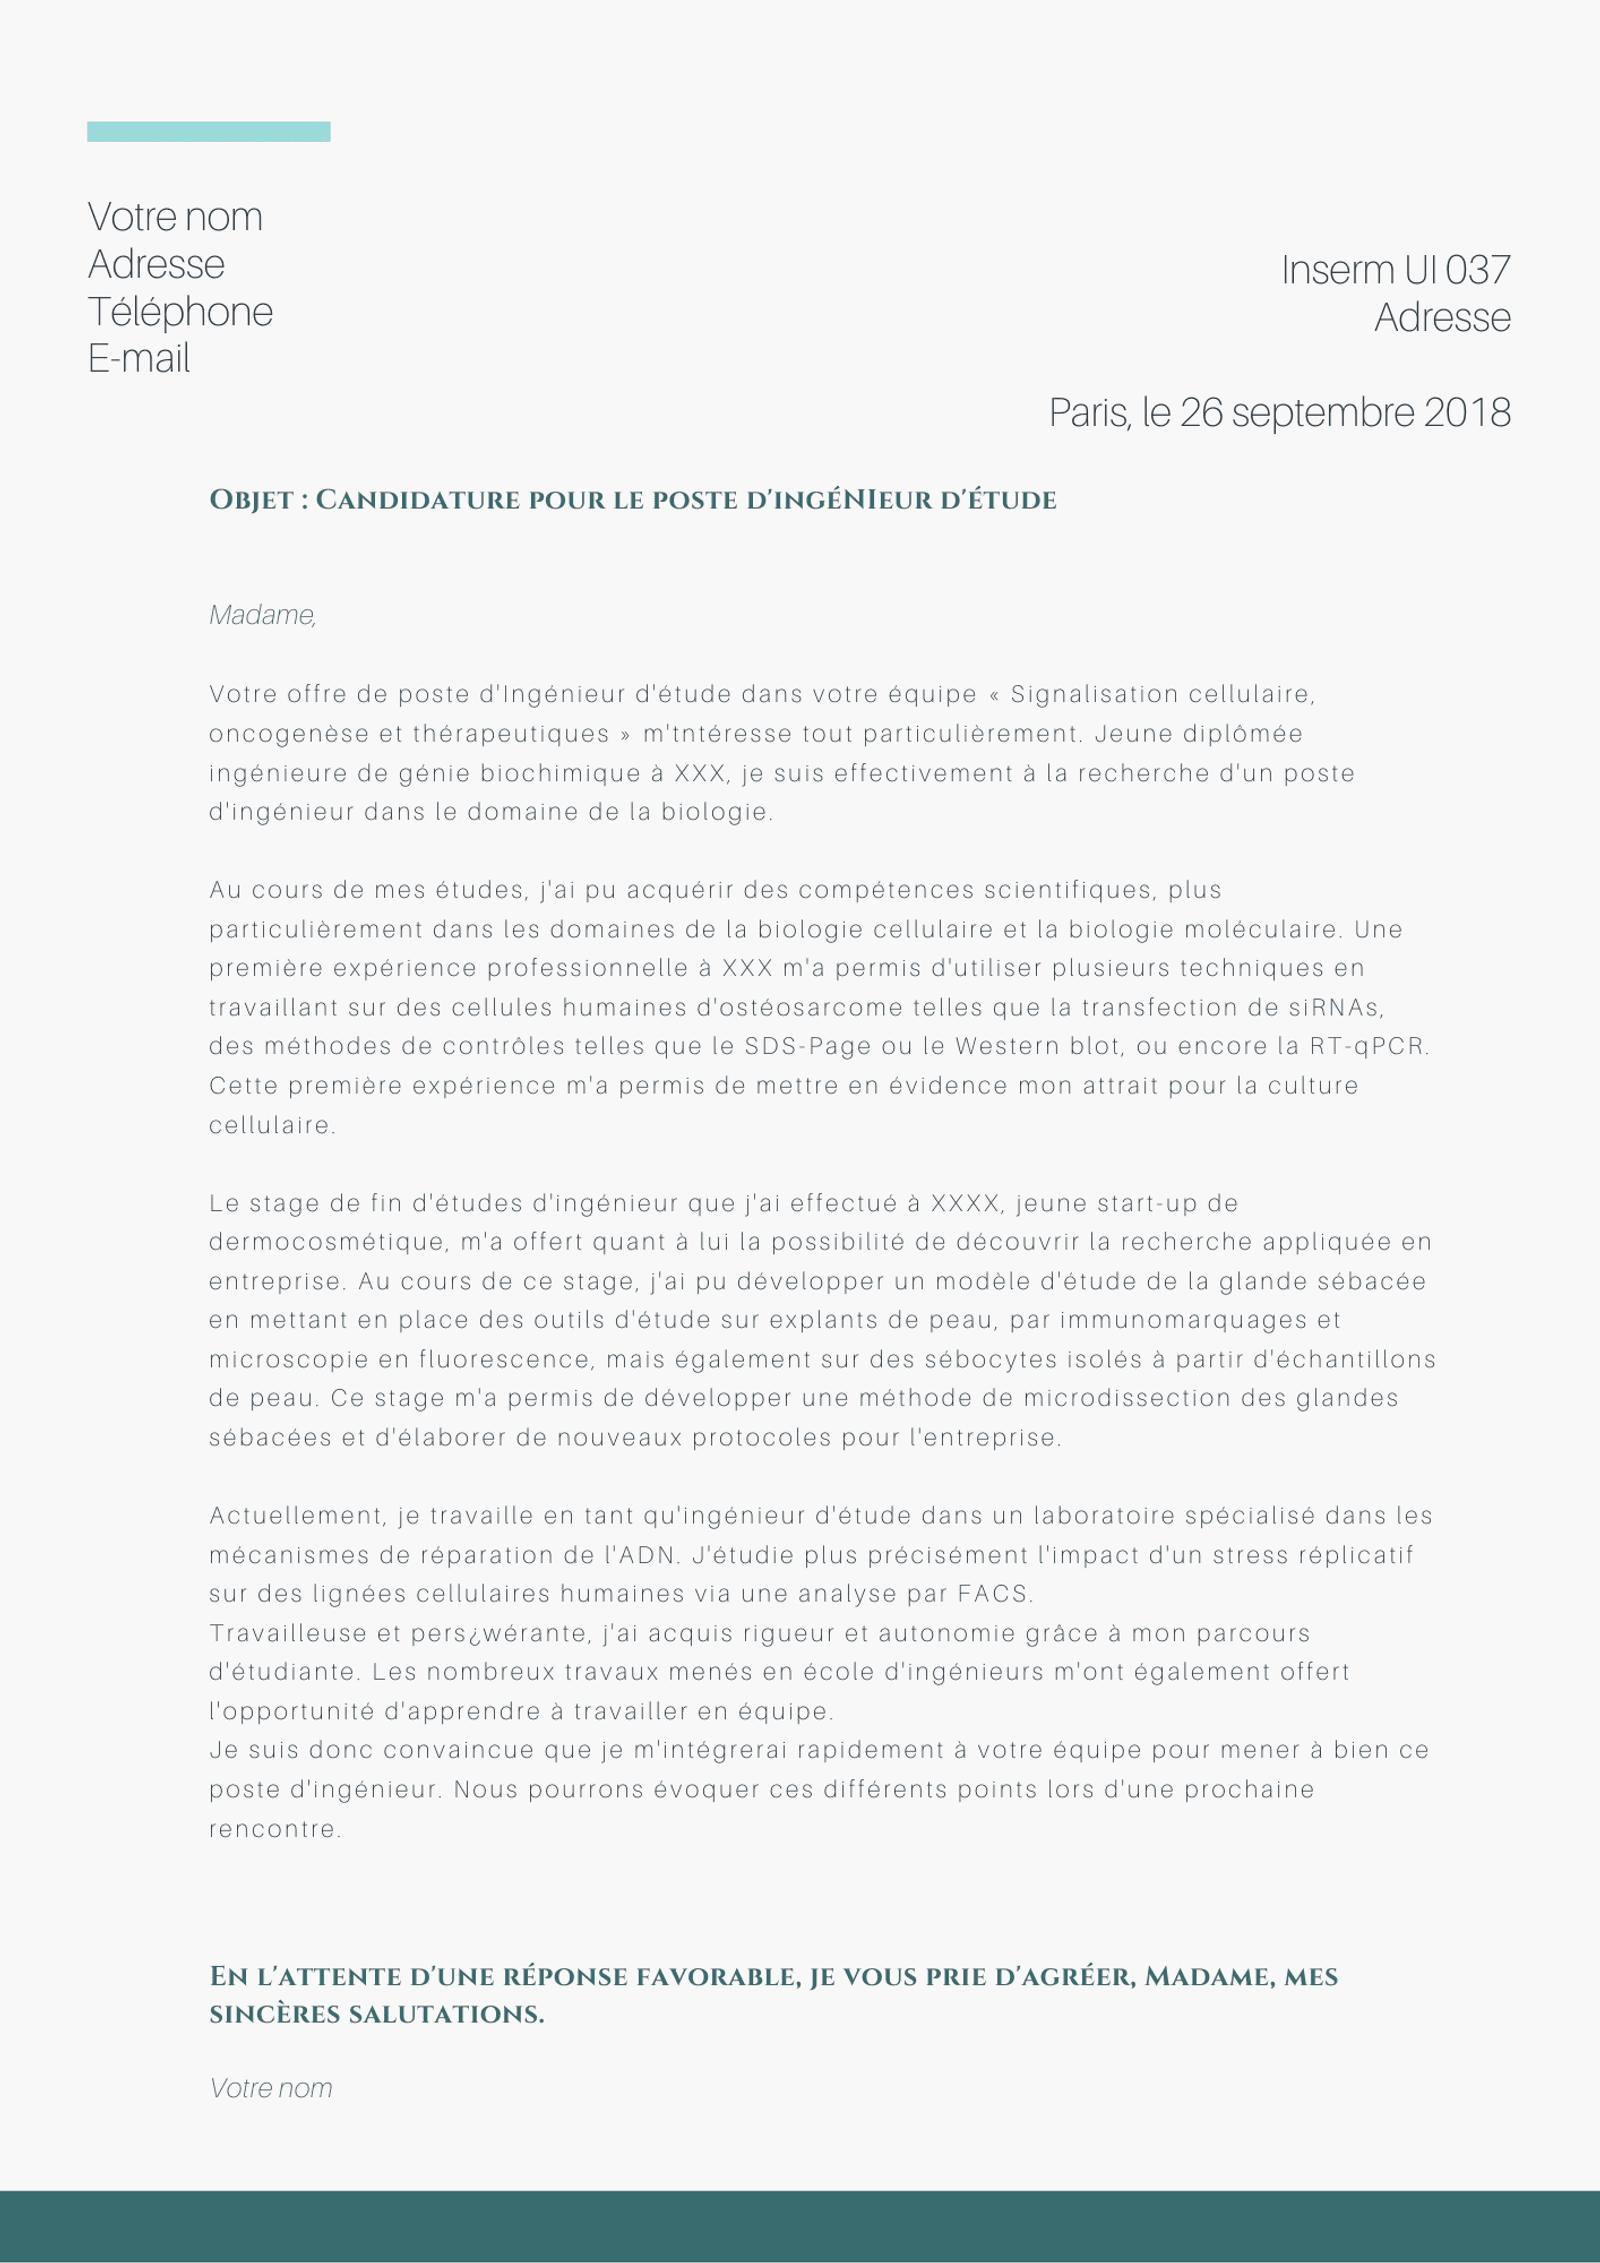 Exemple De Cv Hotesse Daccueil Standardiste Nouveau Lettre De Motivation Pour Un Poste D Hotesse D Resume Template Free Resume Template Templates